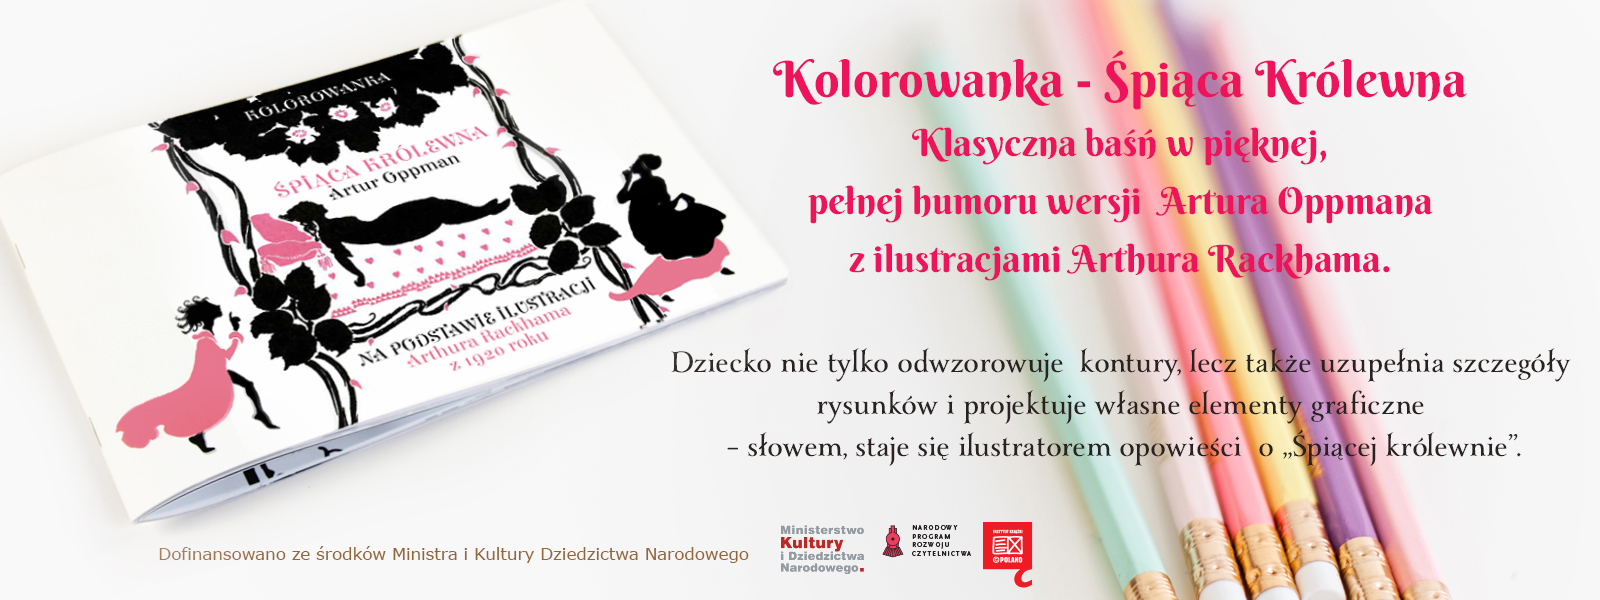 kolorowanka_4